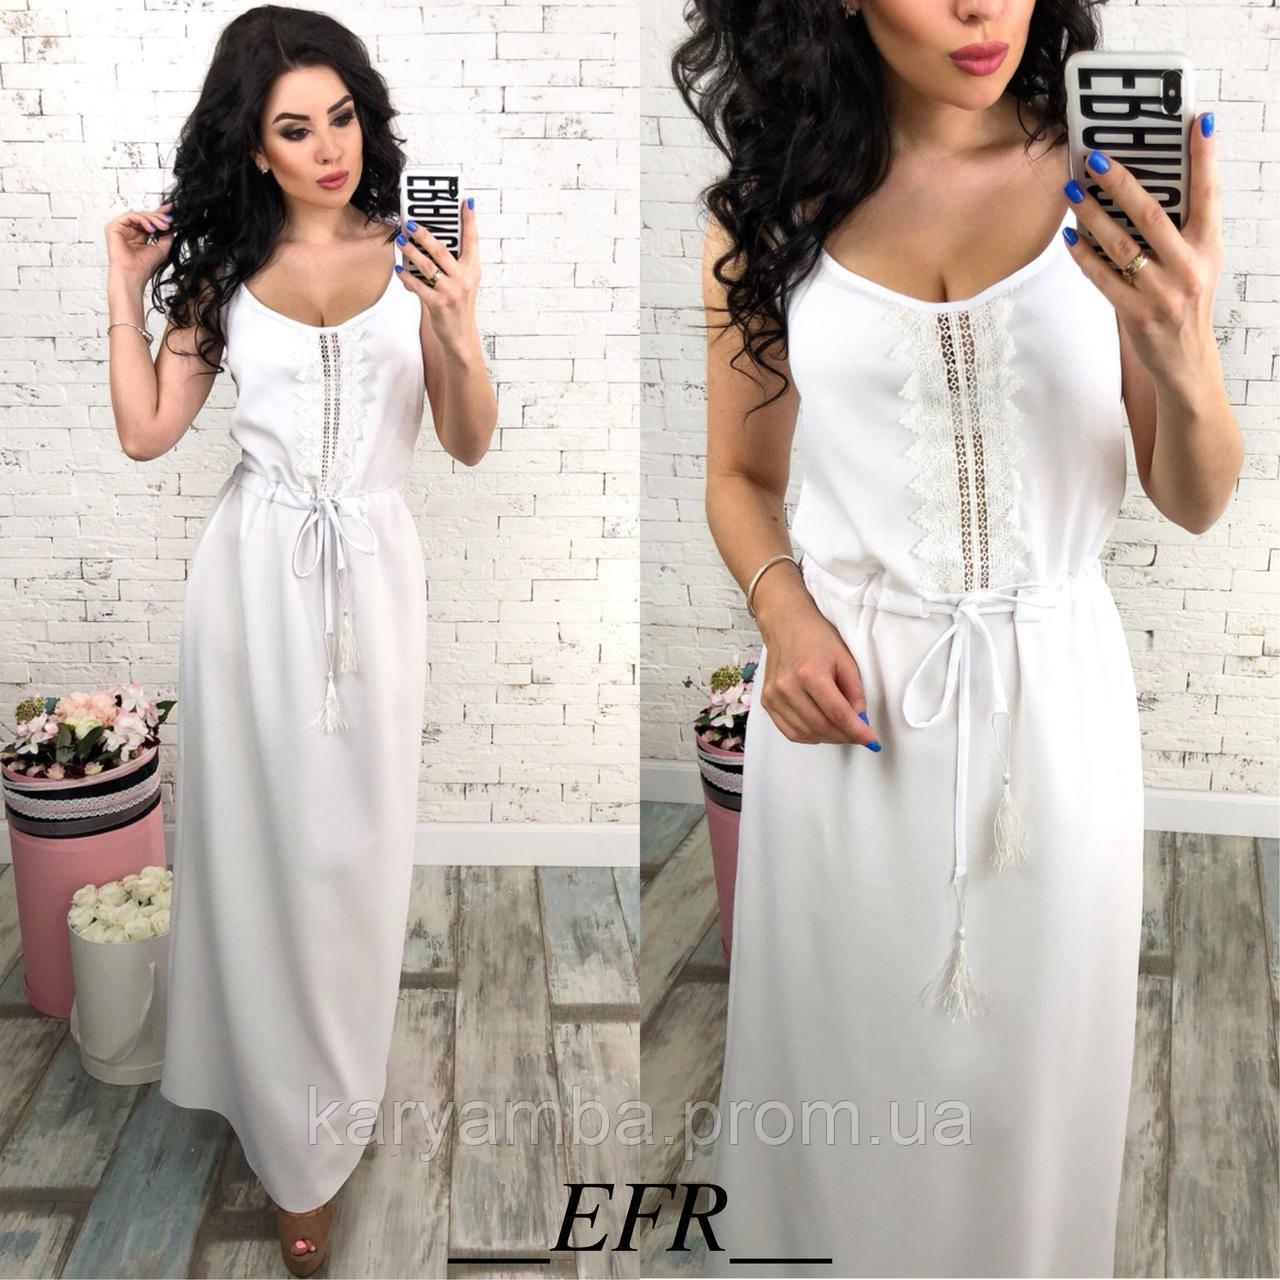 ba1c8894f64 Летнее длинное платье с кружевом. Белое